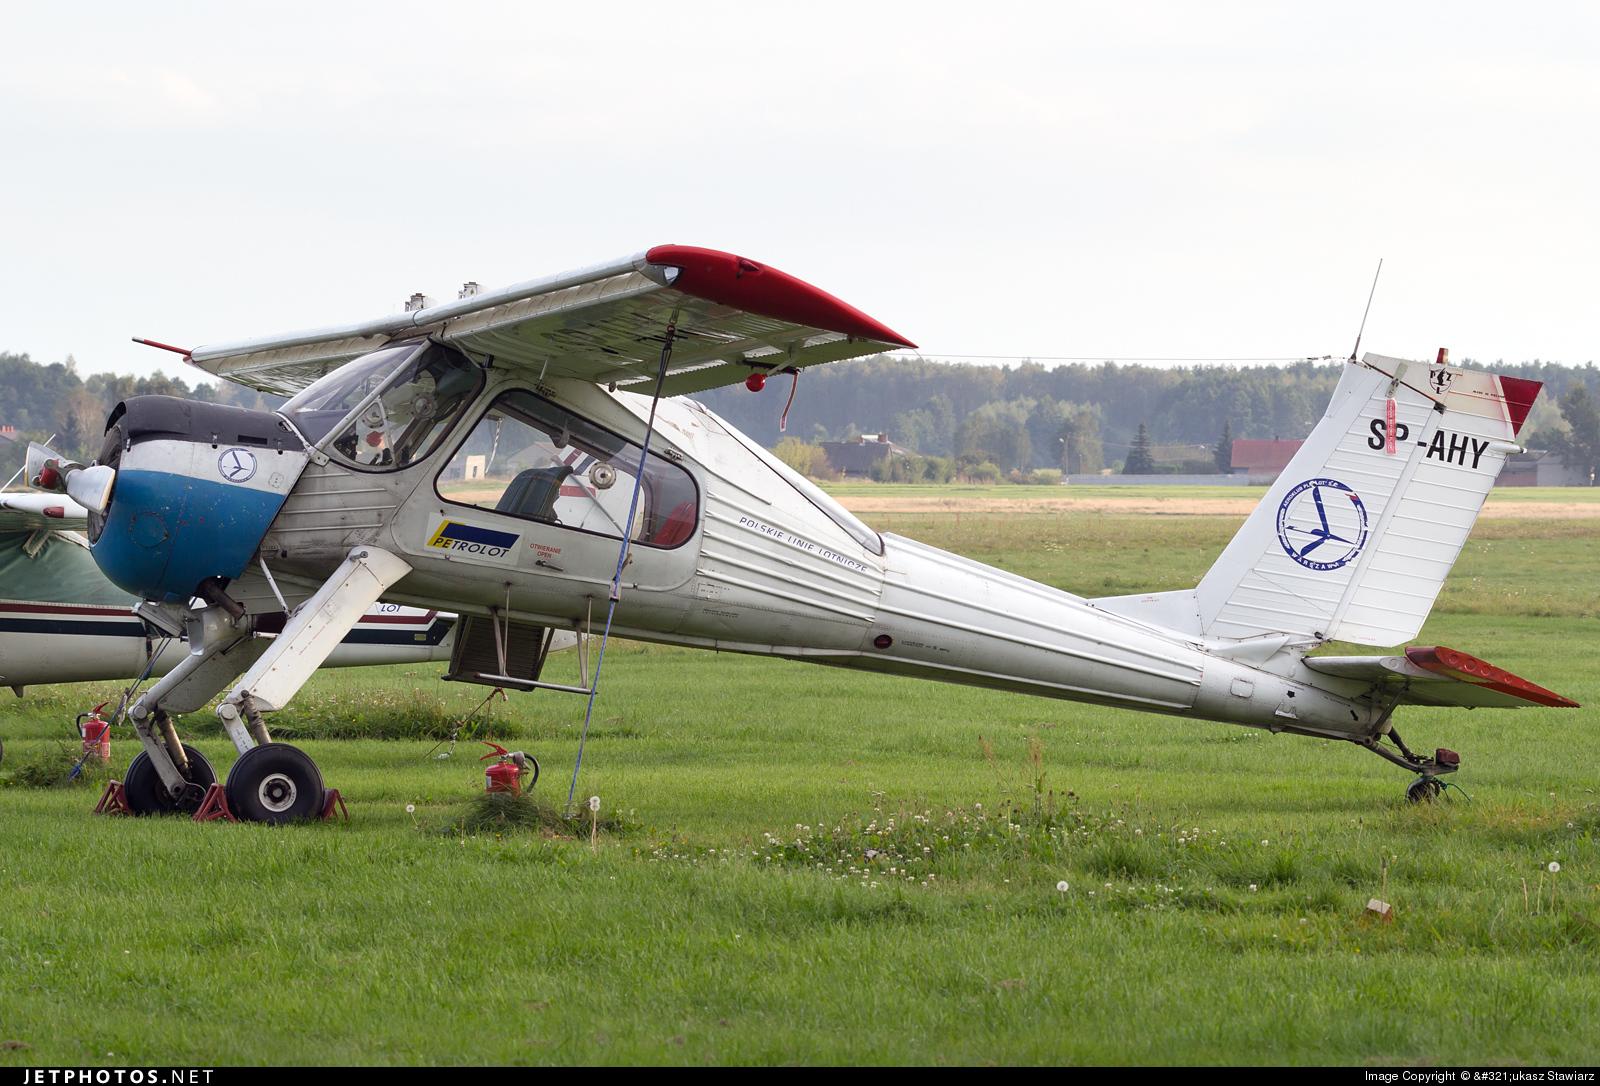 SP-AHY - PZL-Okecie 104 Wilga 35 - Private